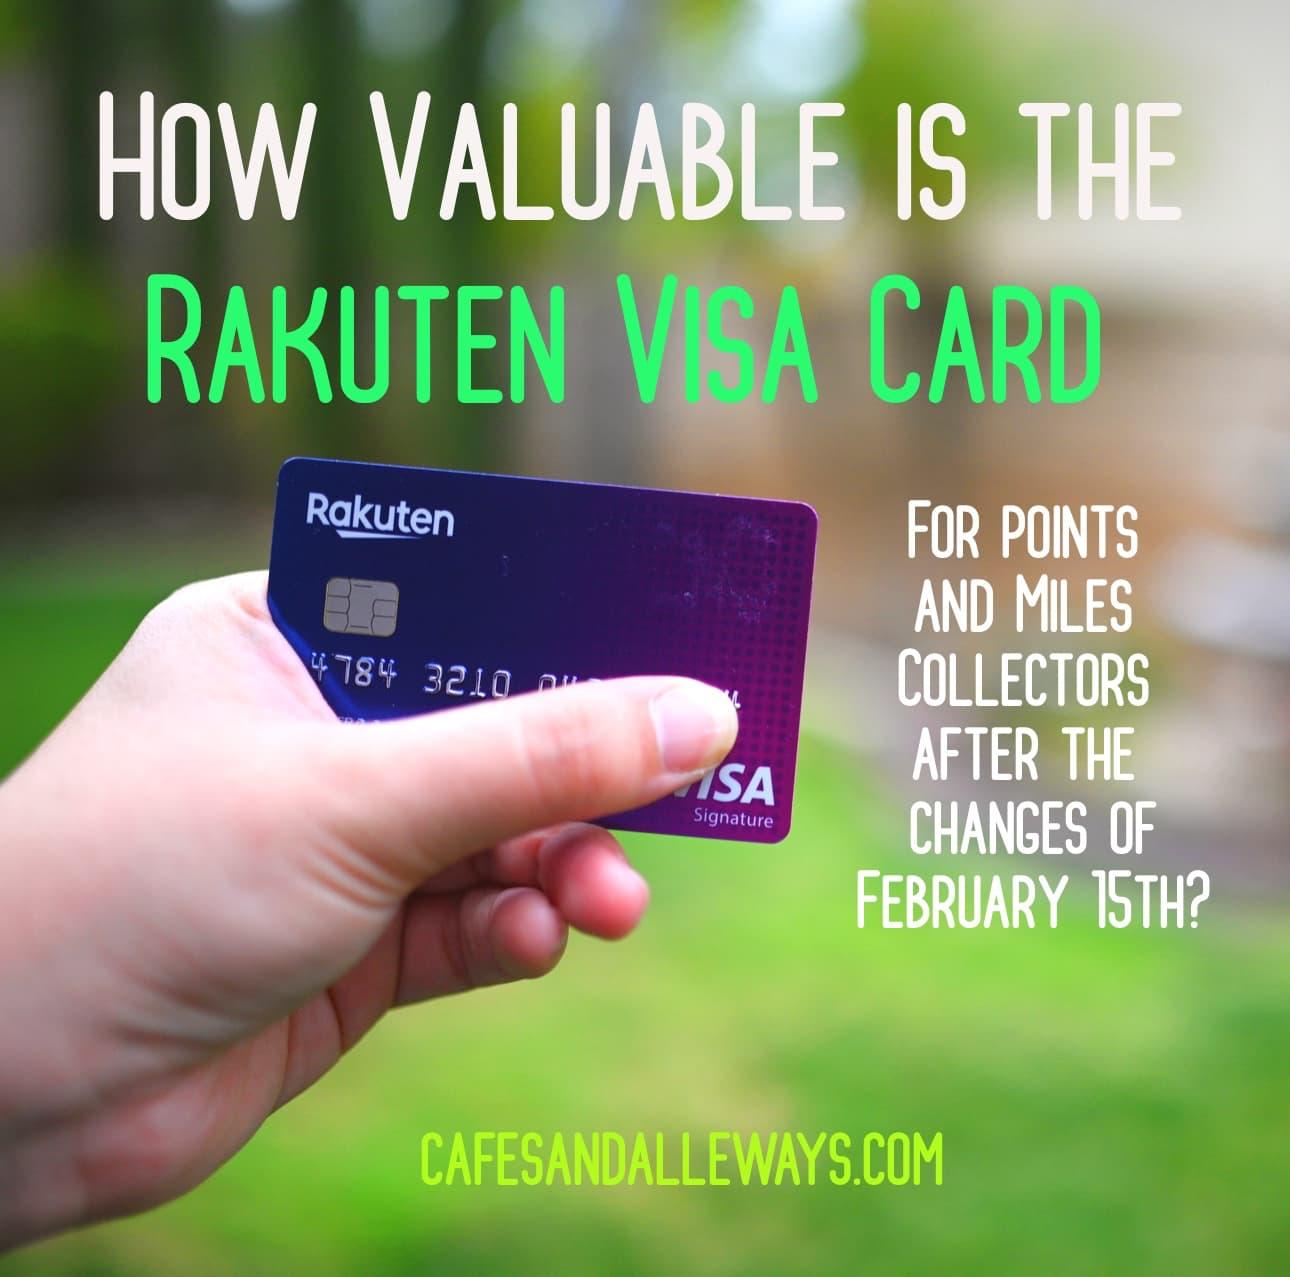 How Valuable Is the Rakuten Visa Card?